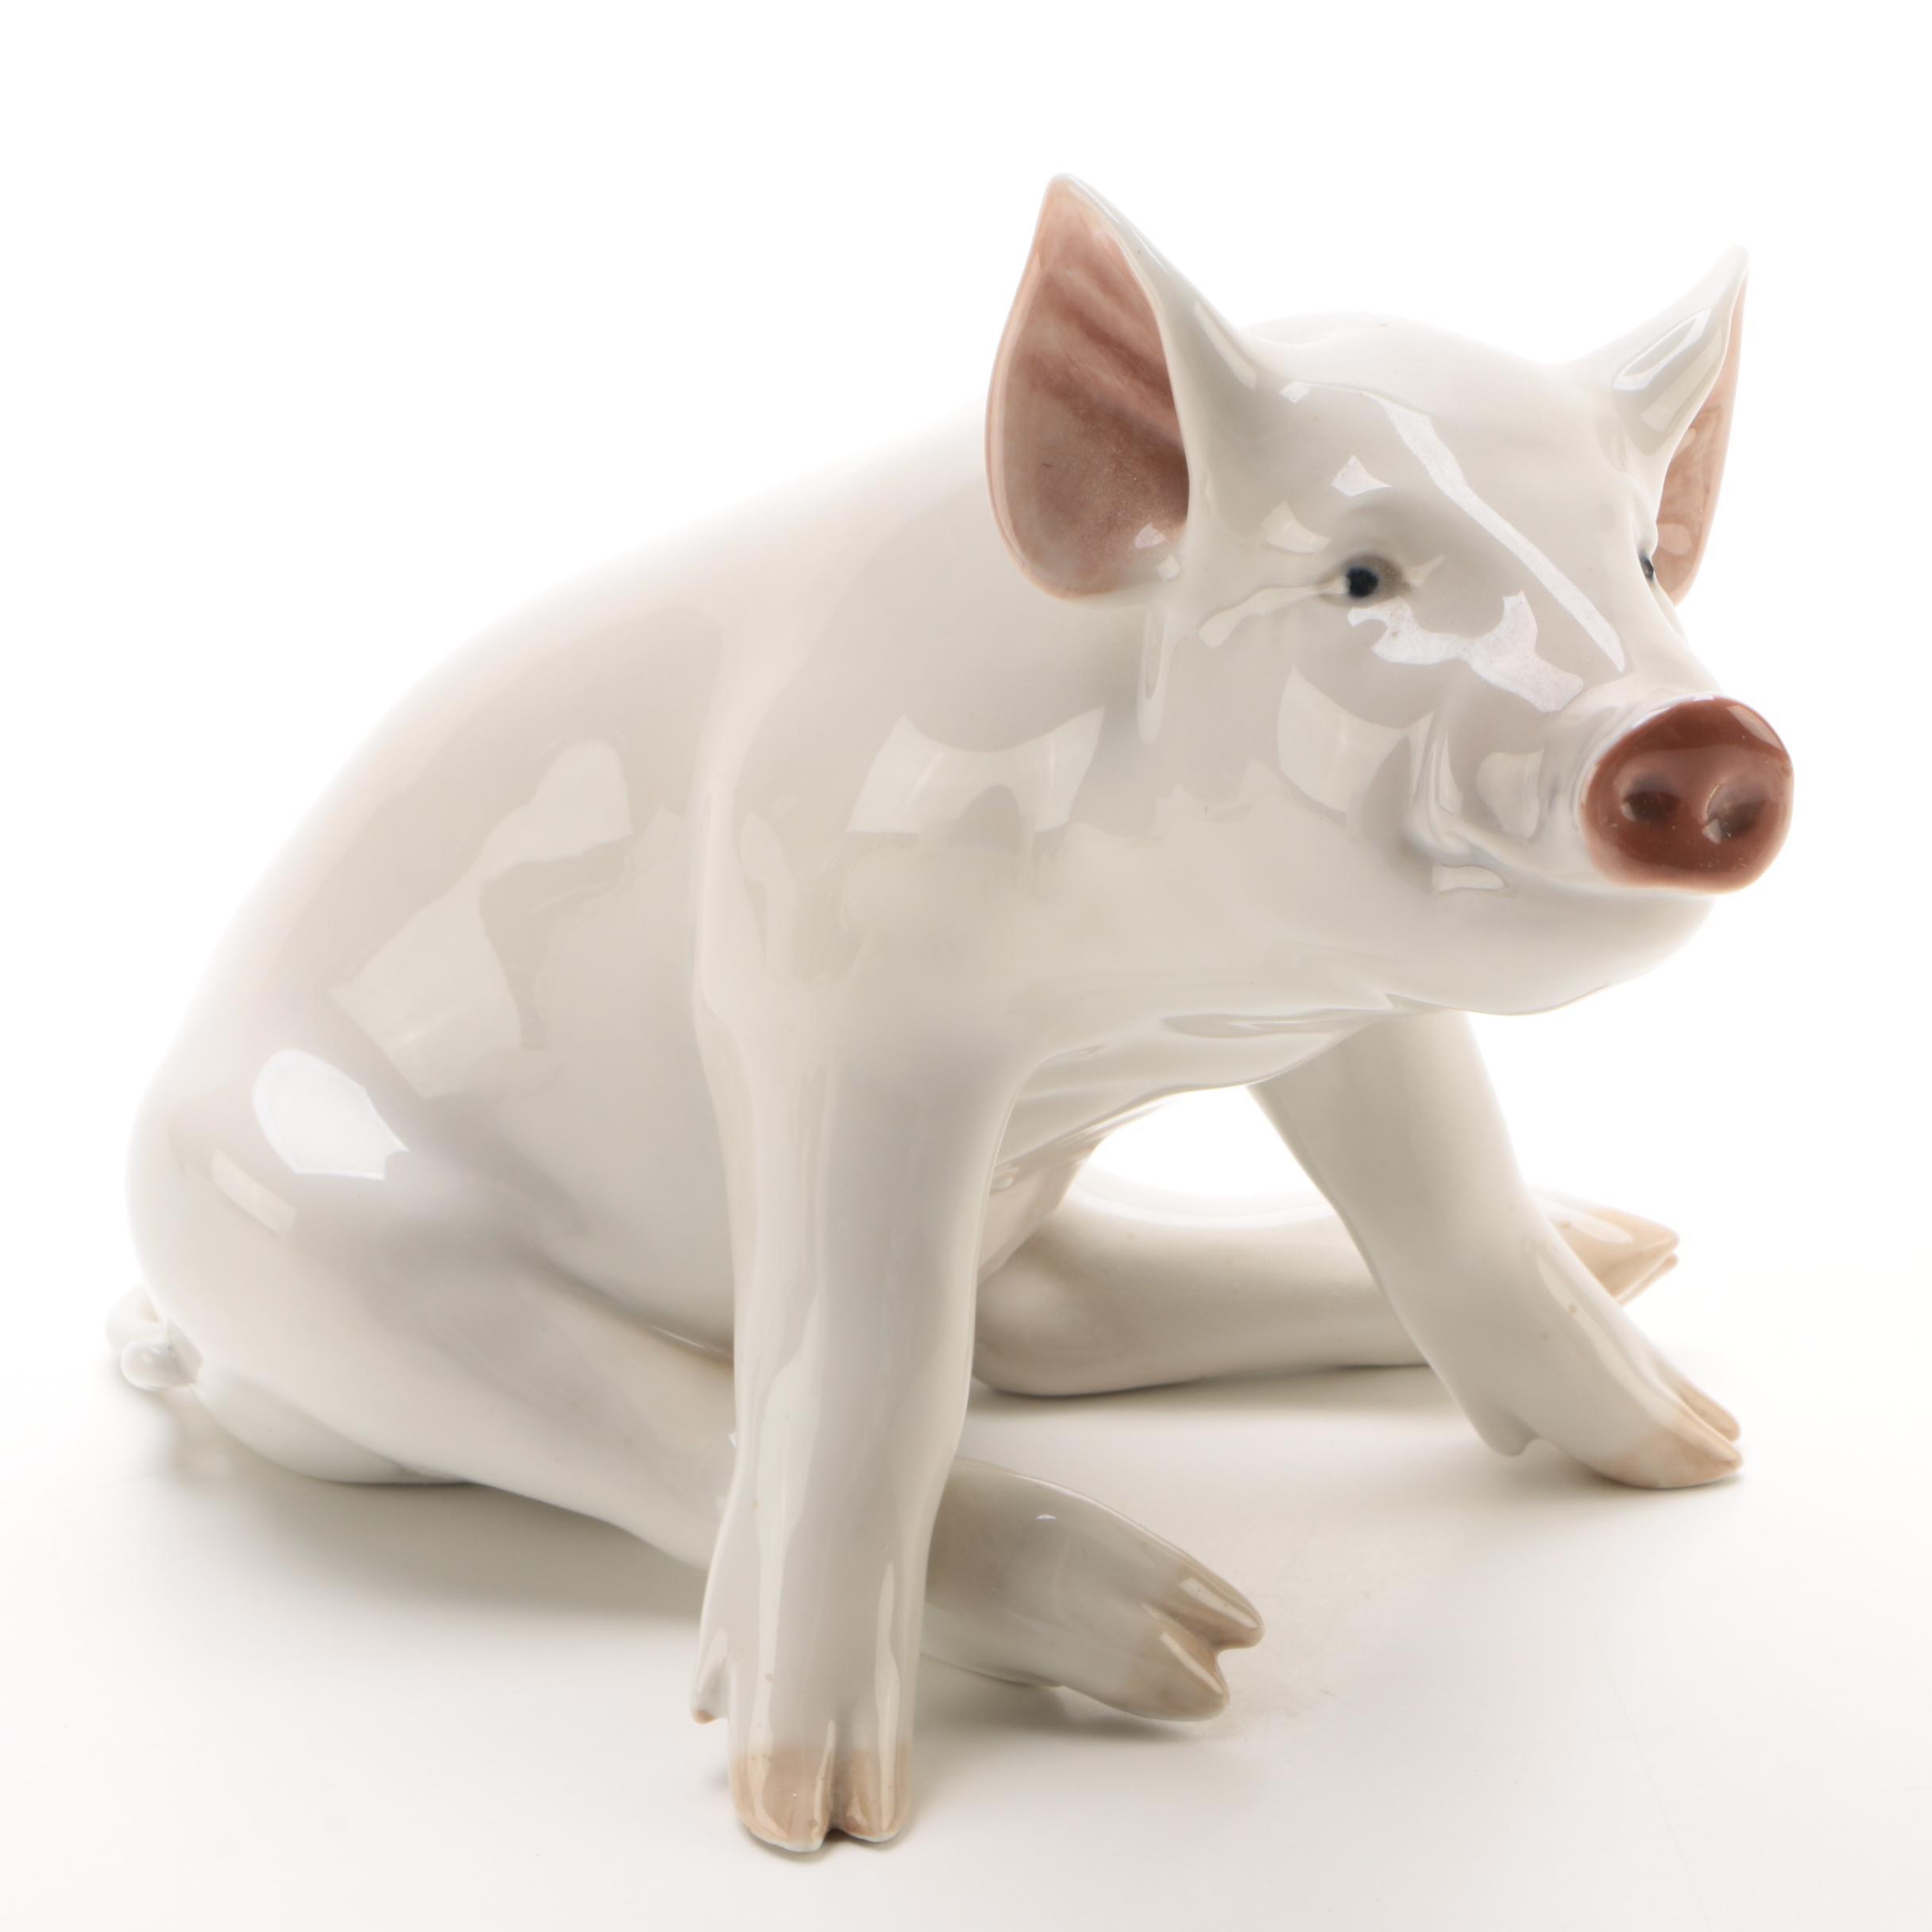 Royal Copenhagen Porcelain Pig Figurine, Circa 1923